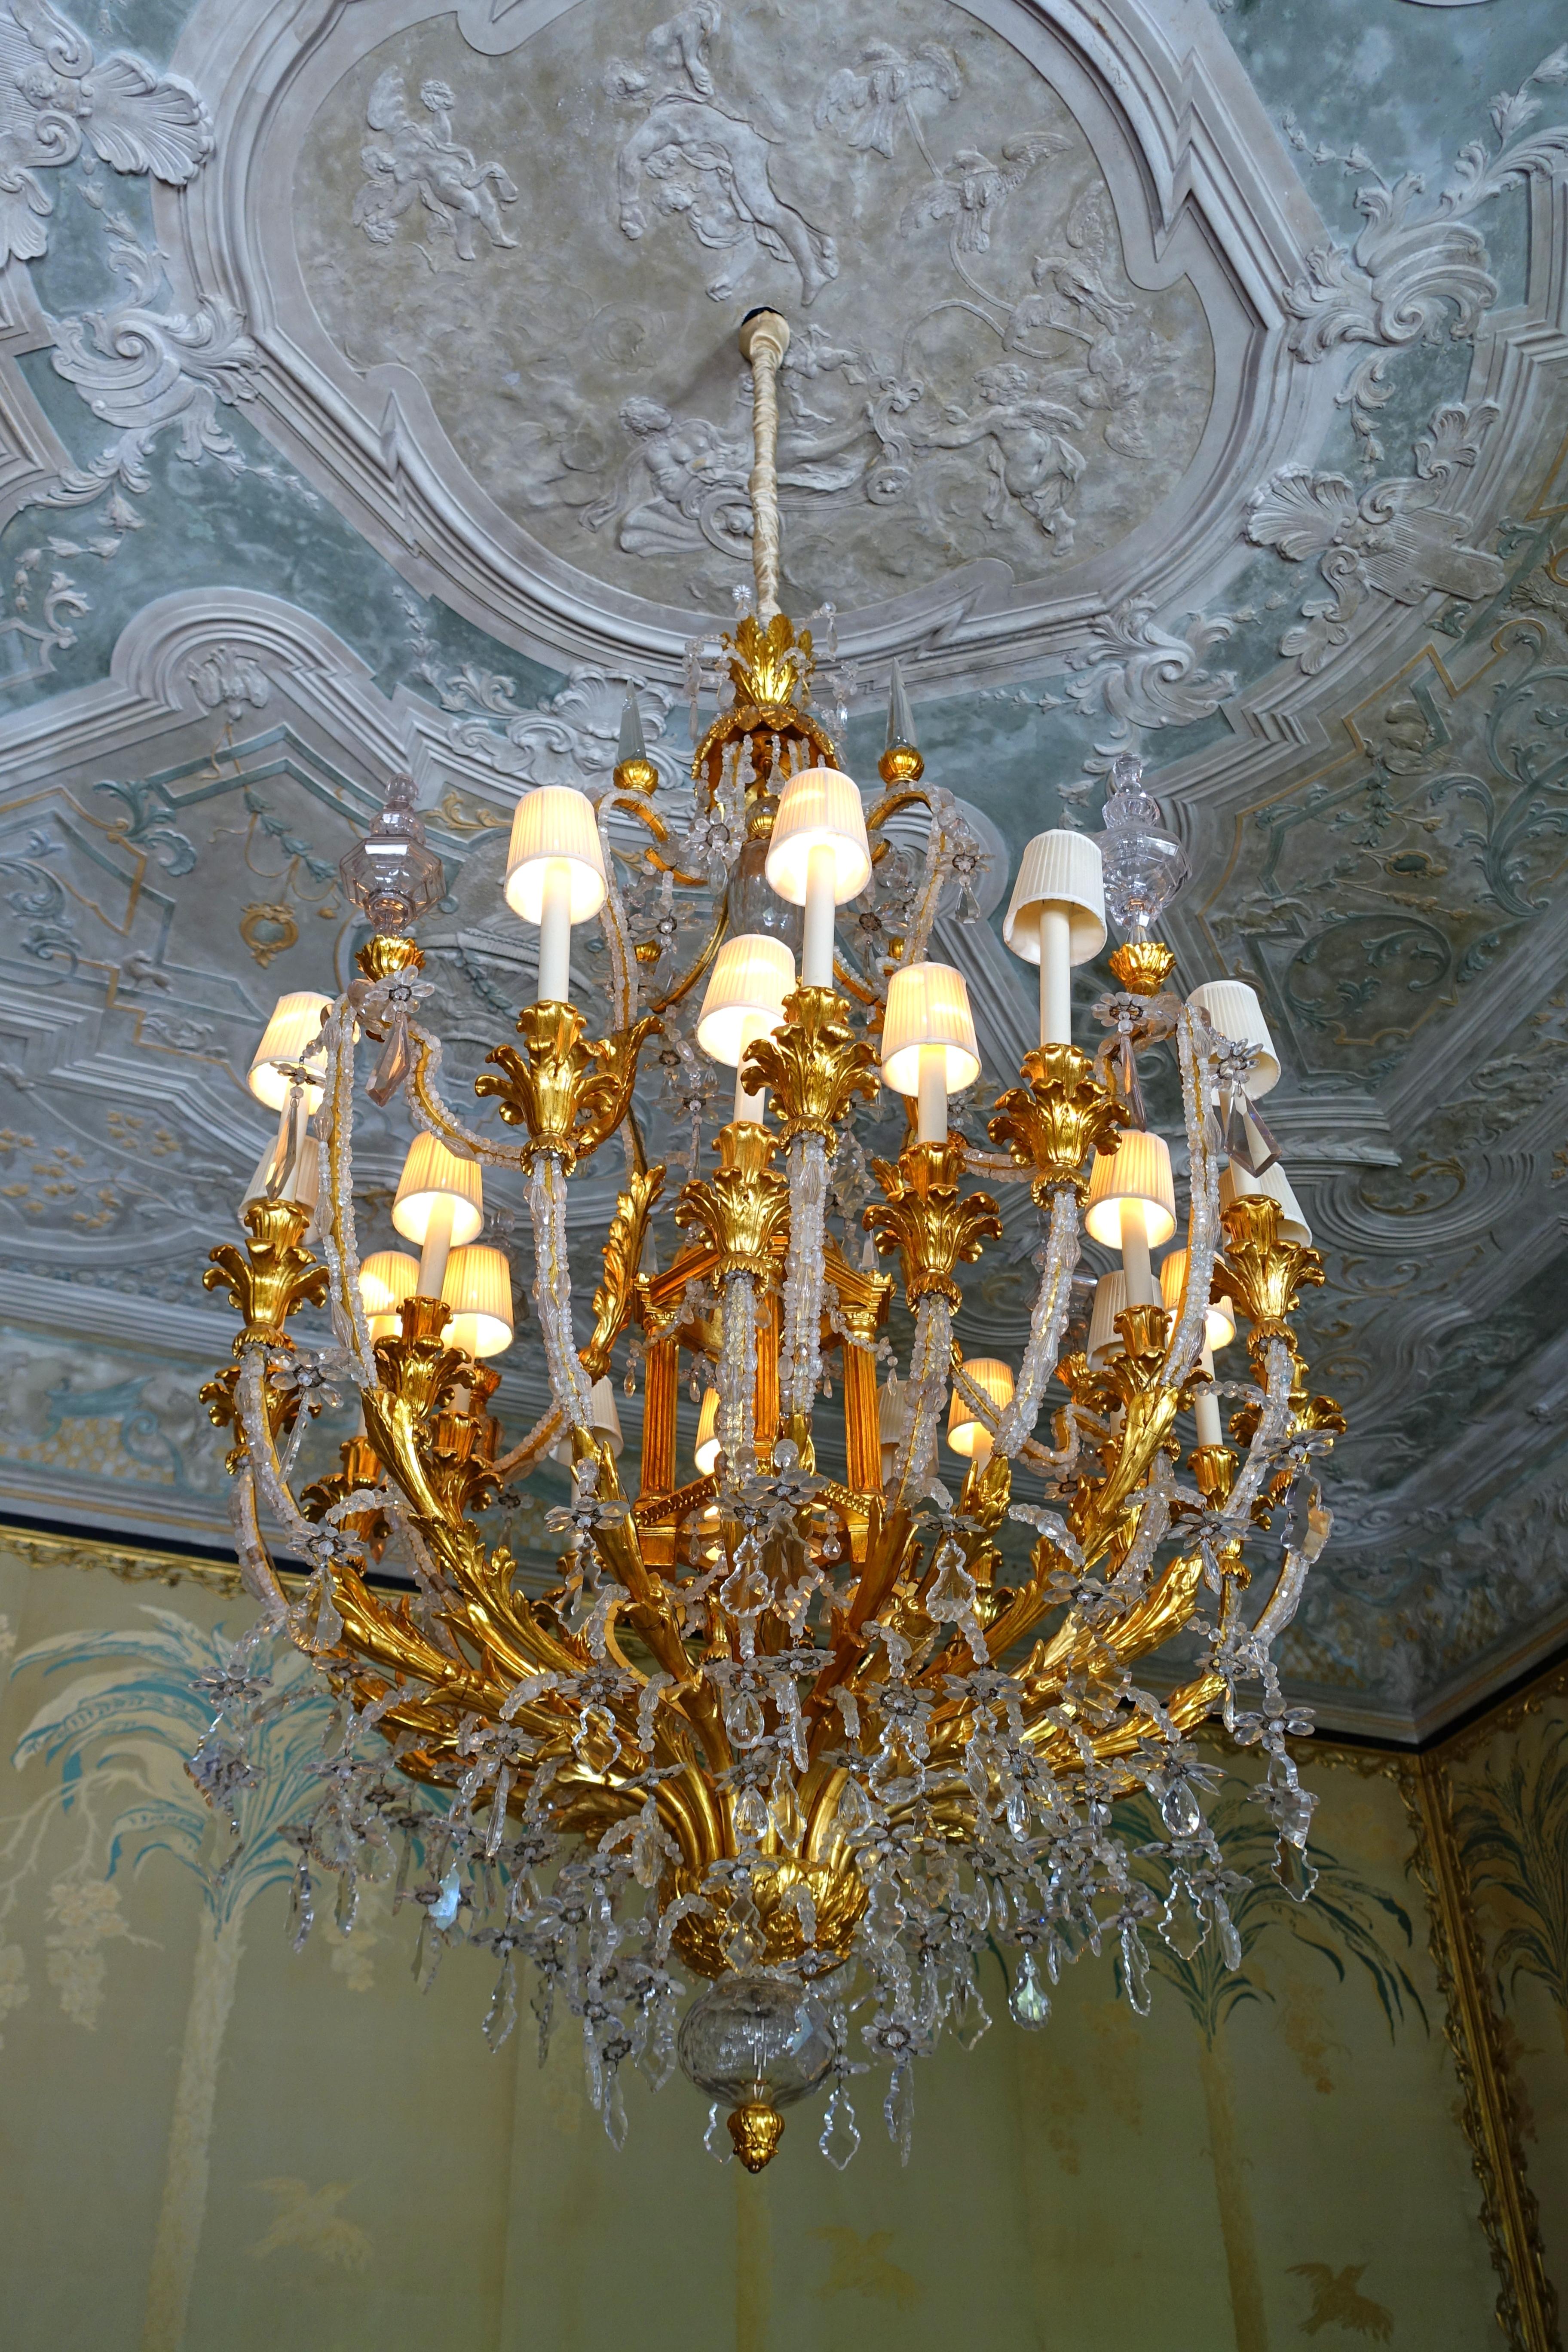 File:Reception Room chandelier - Vizcaya Museum and Gardens - Miami ...